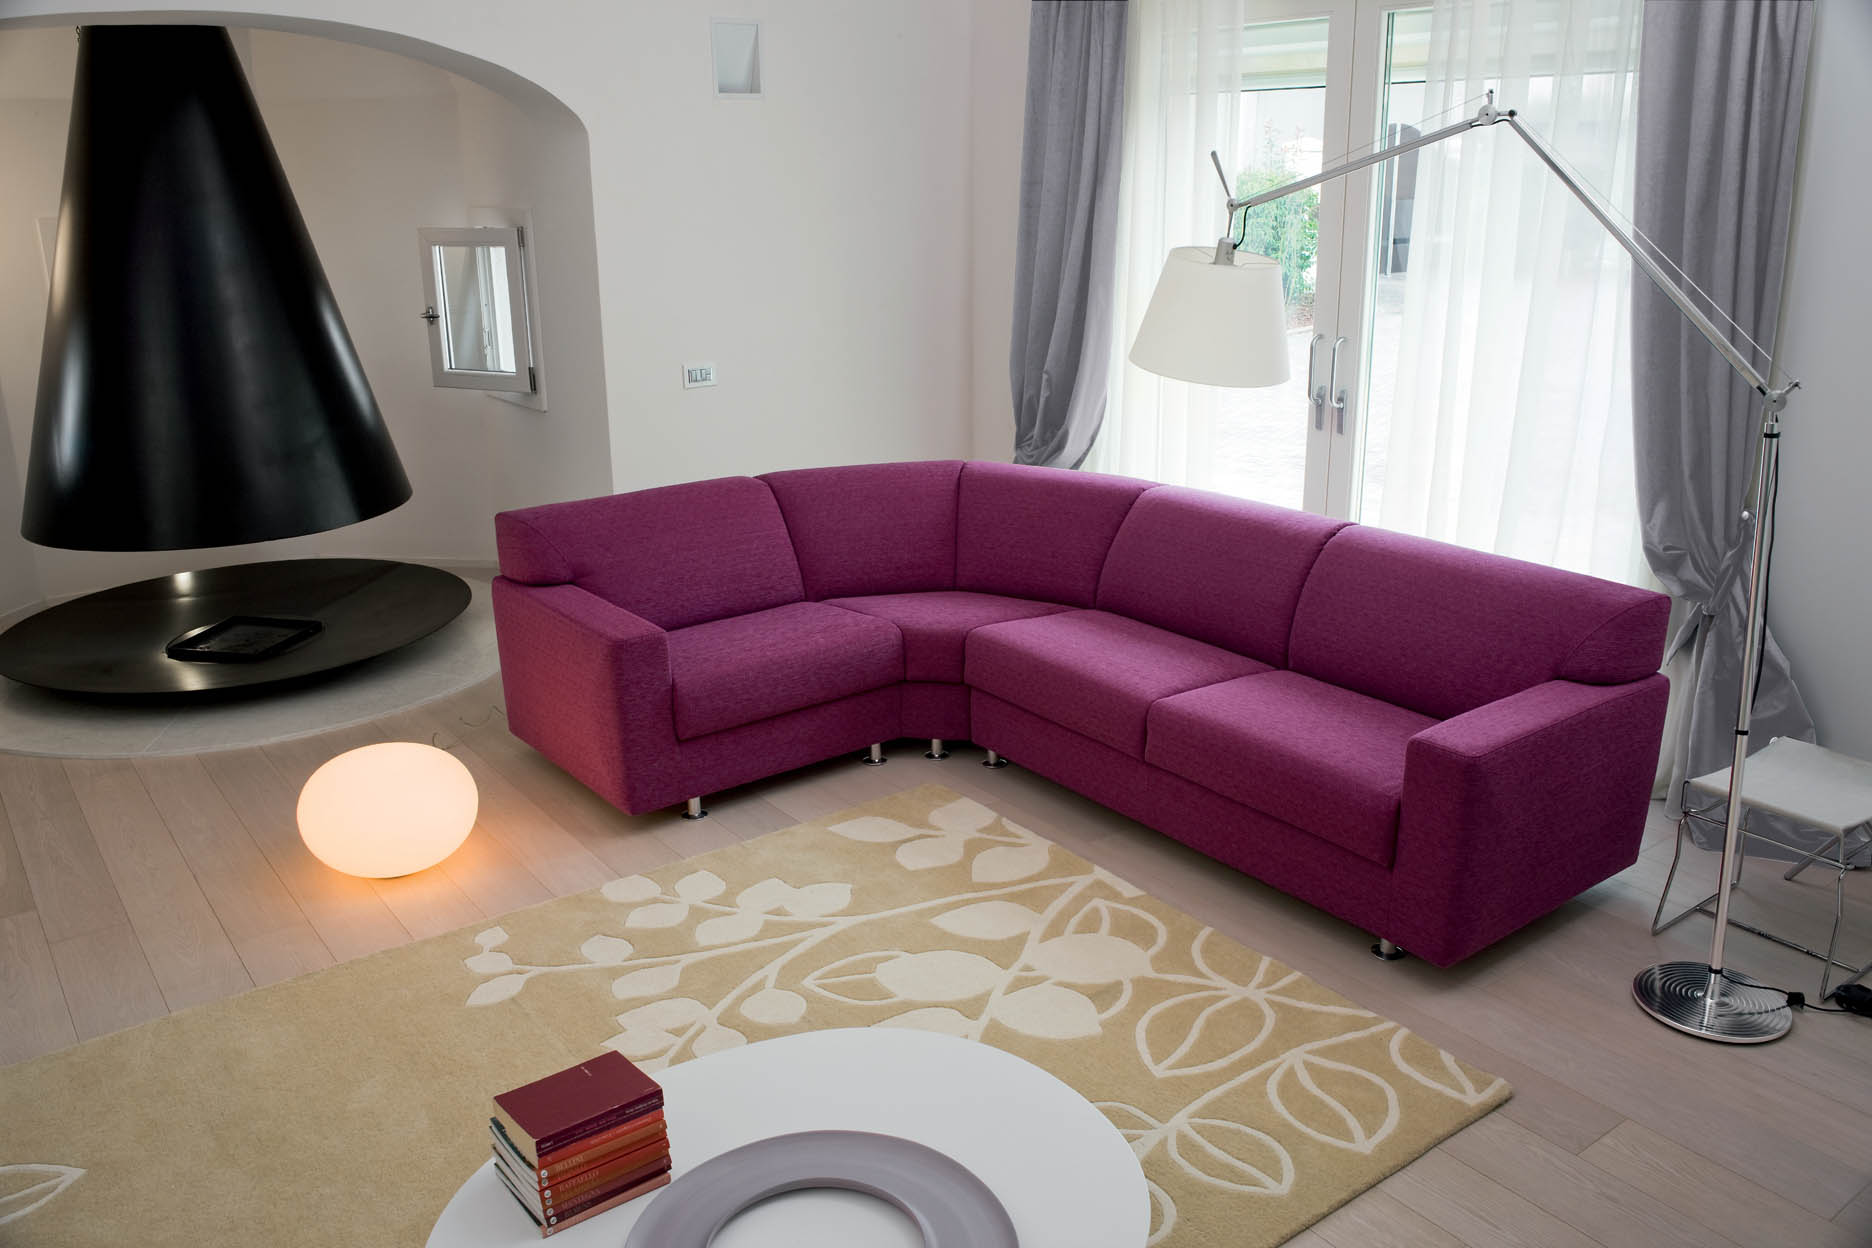 Divani ad angolo ikea perfect soggiorno ikea for divani - Ikea angolo occasioni ...